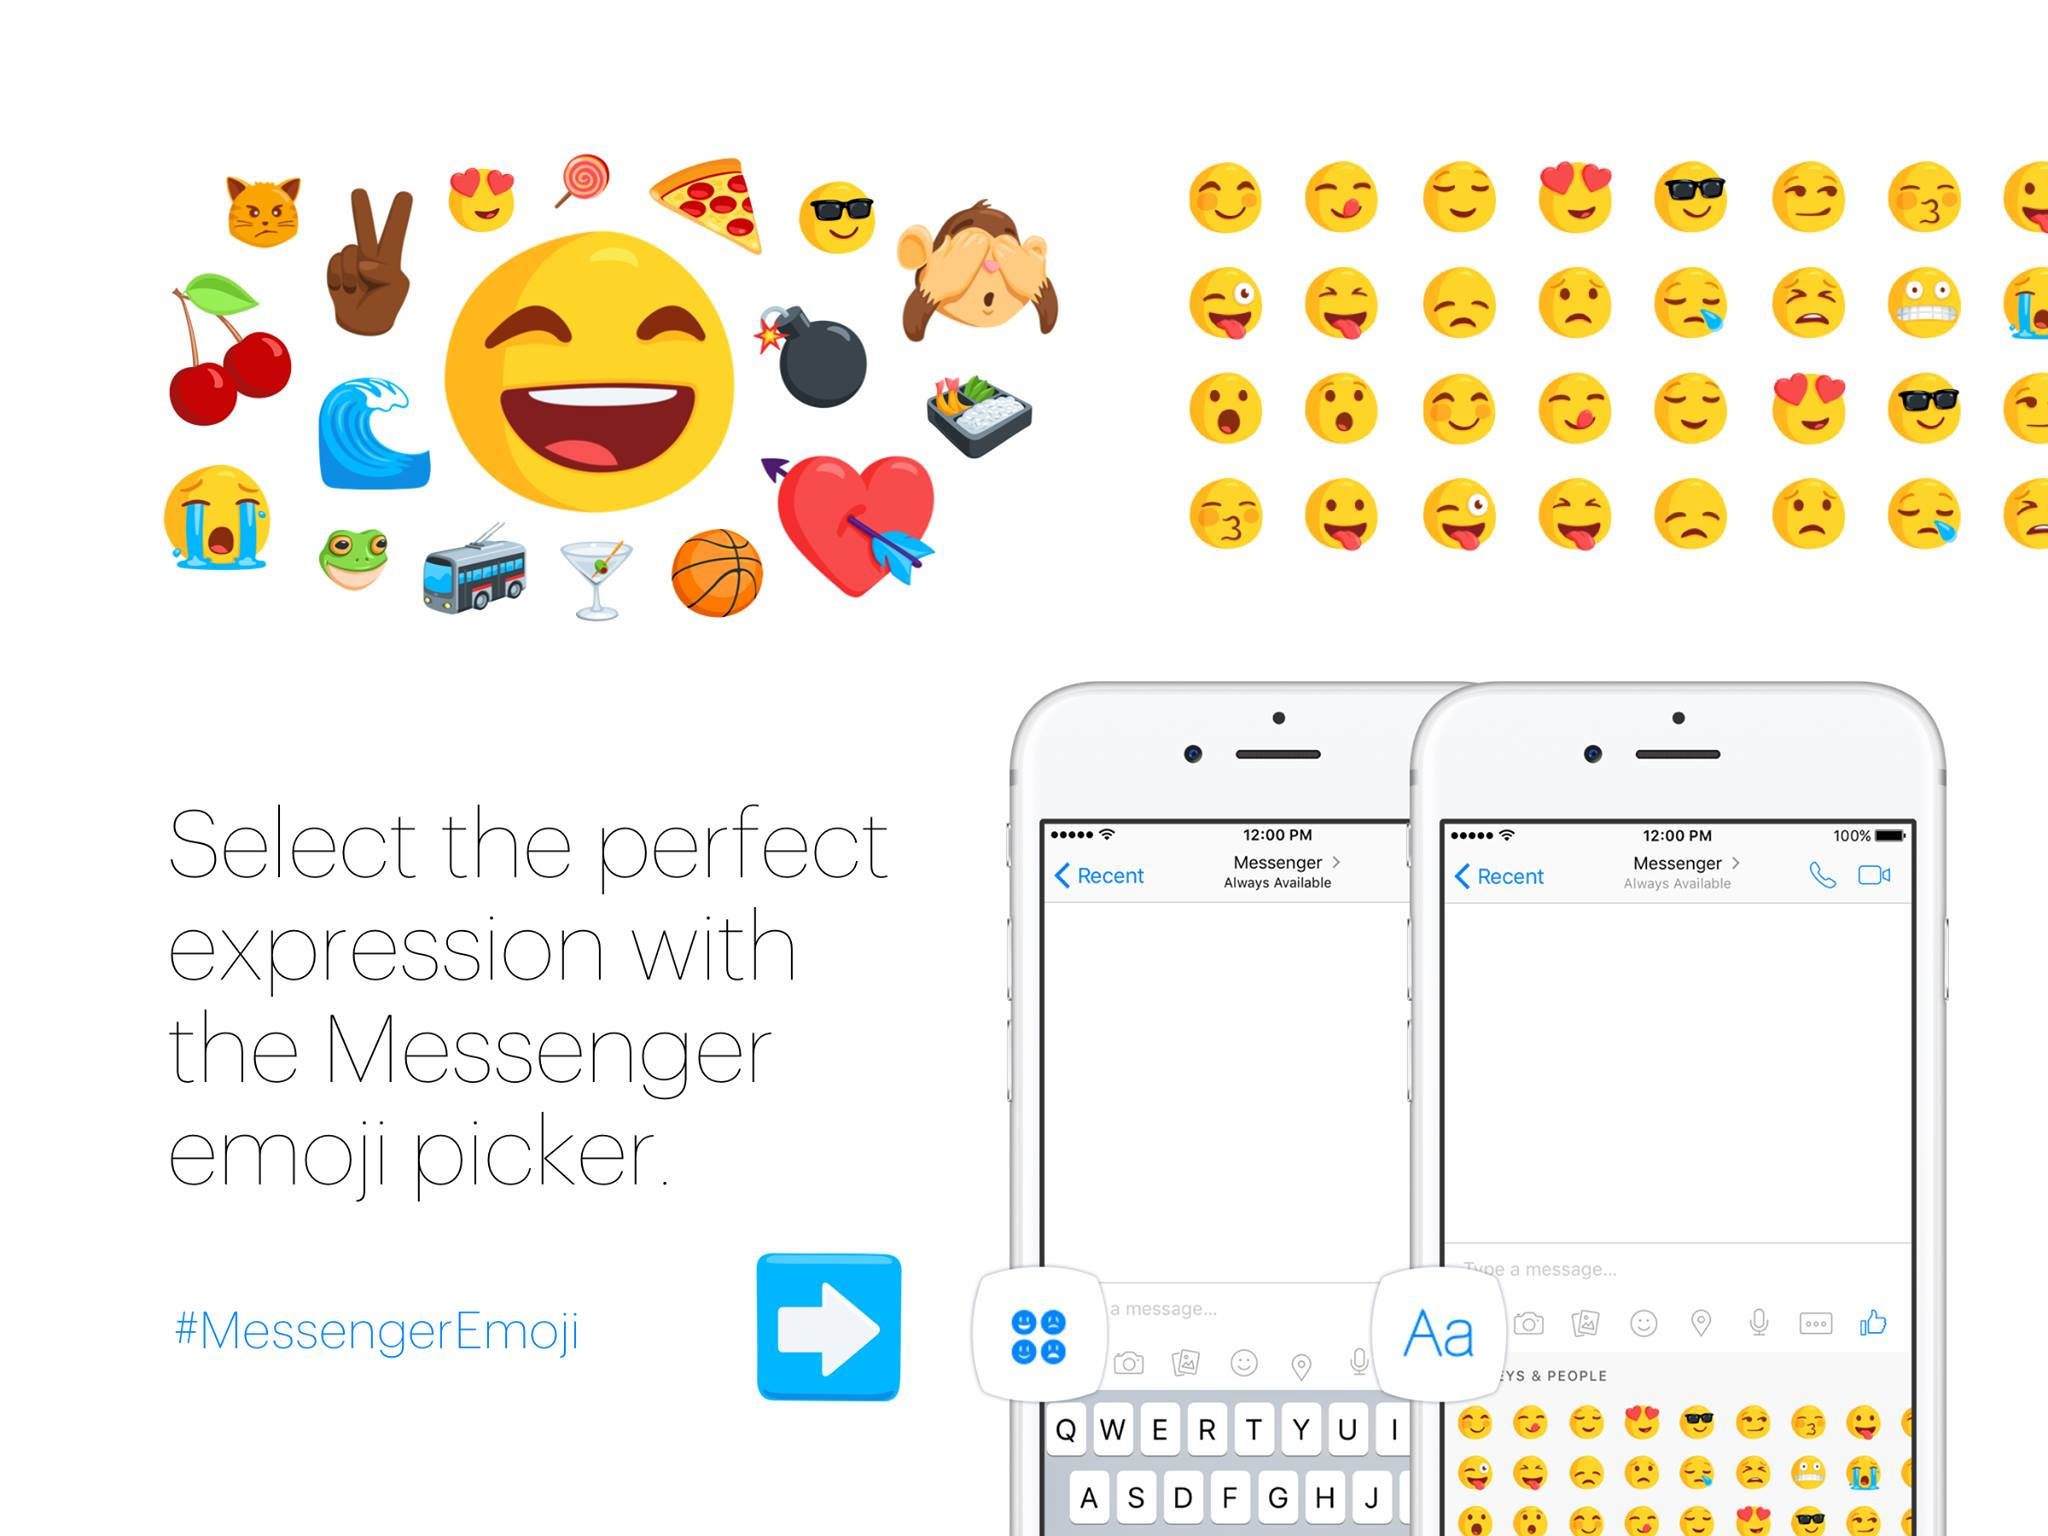 messenger-emojis2